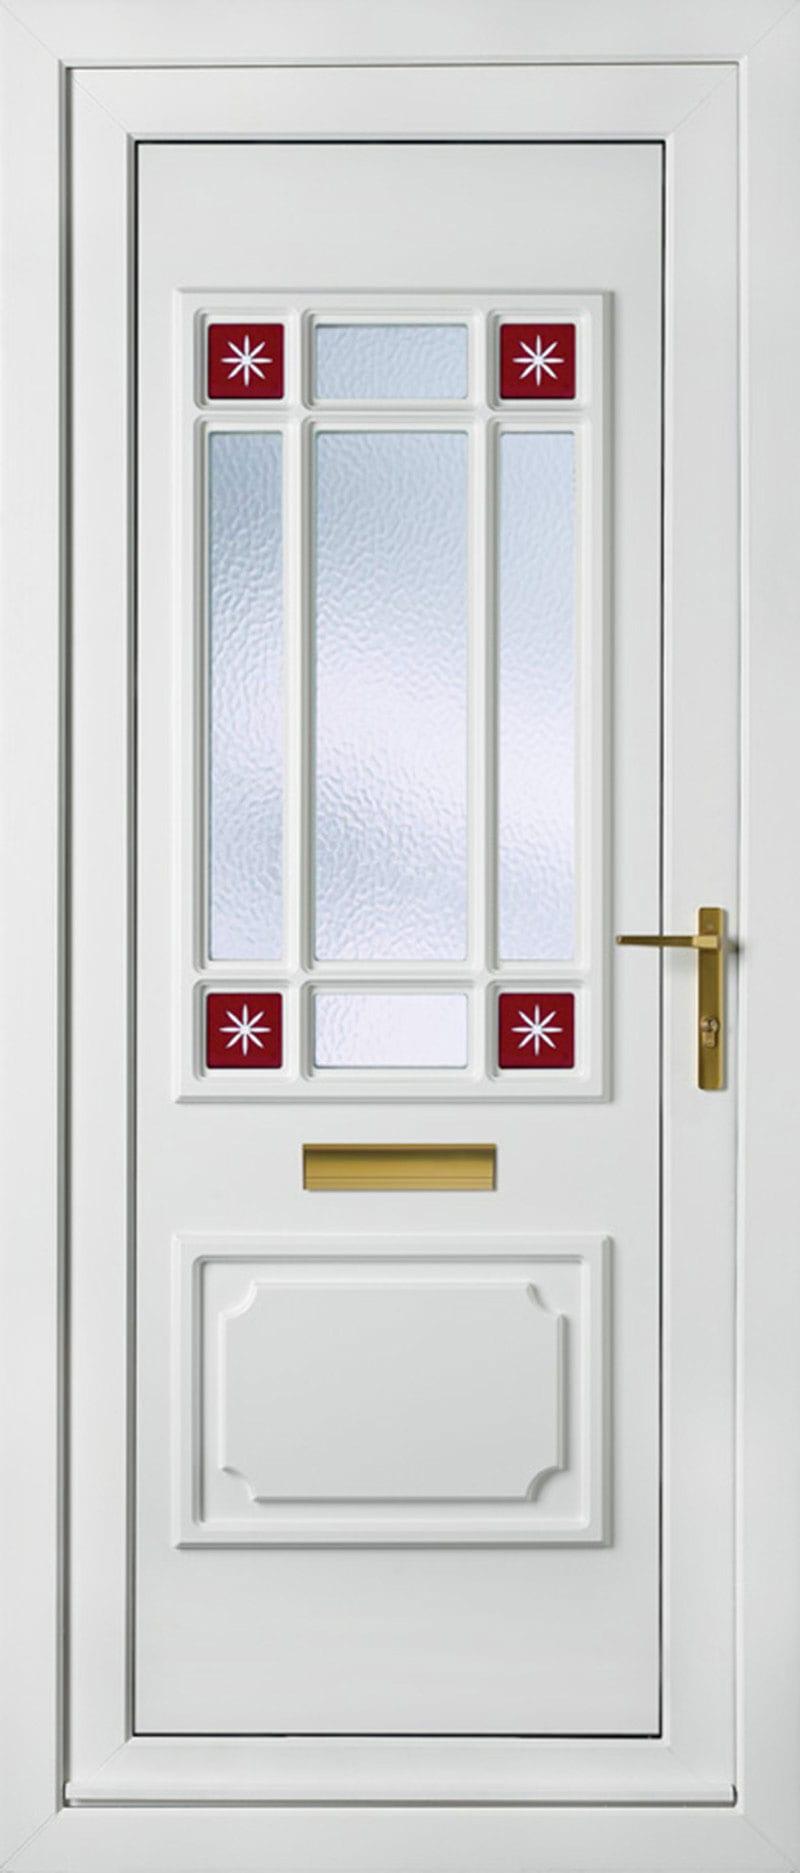 Pvc Doors And Decorative Panels Dorset Windows Ltd